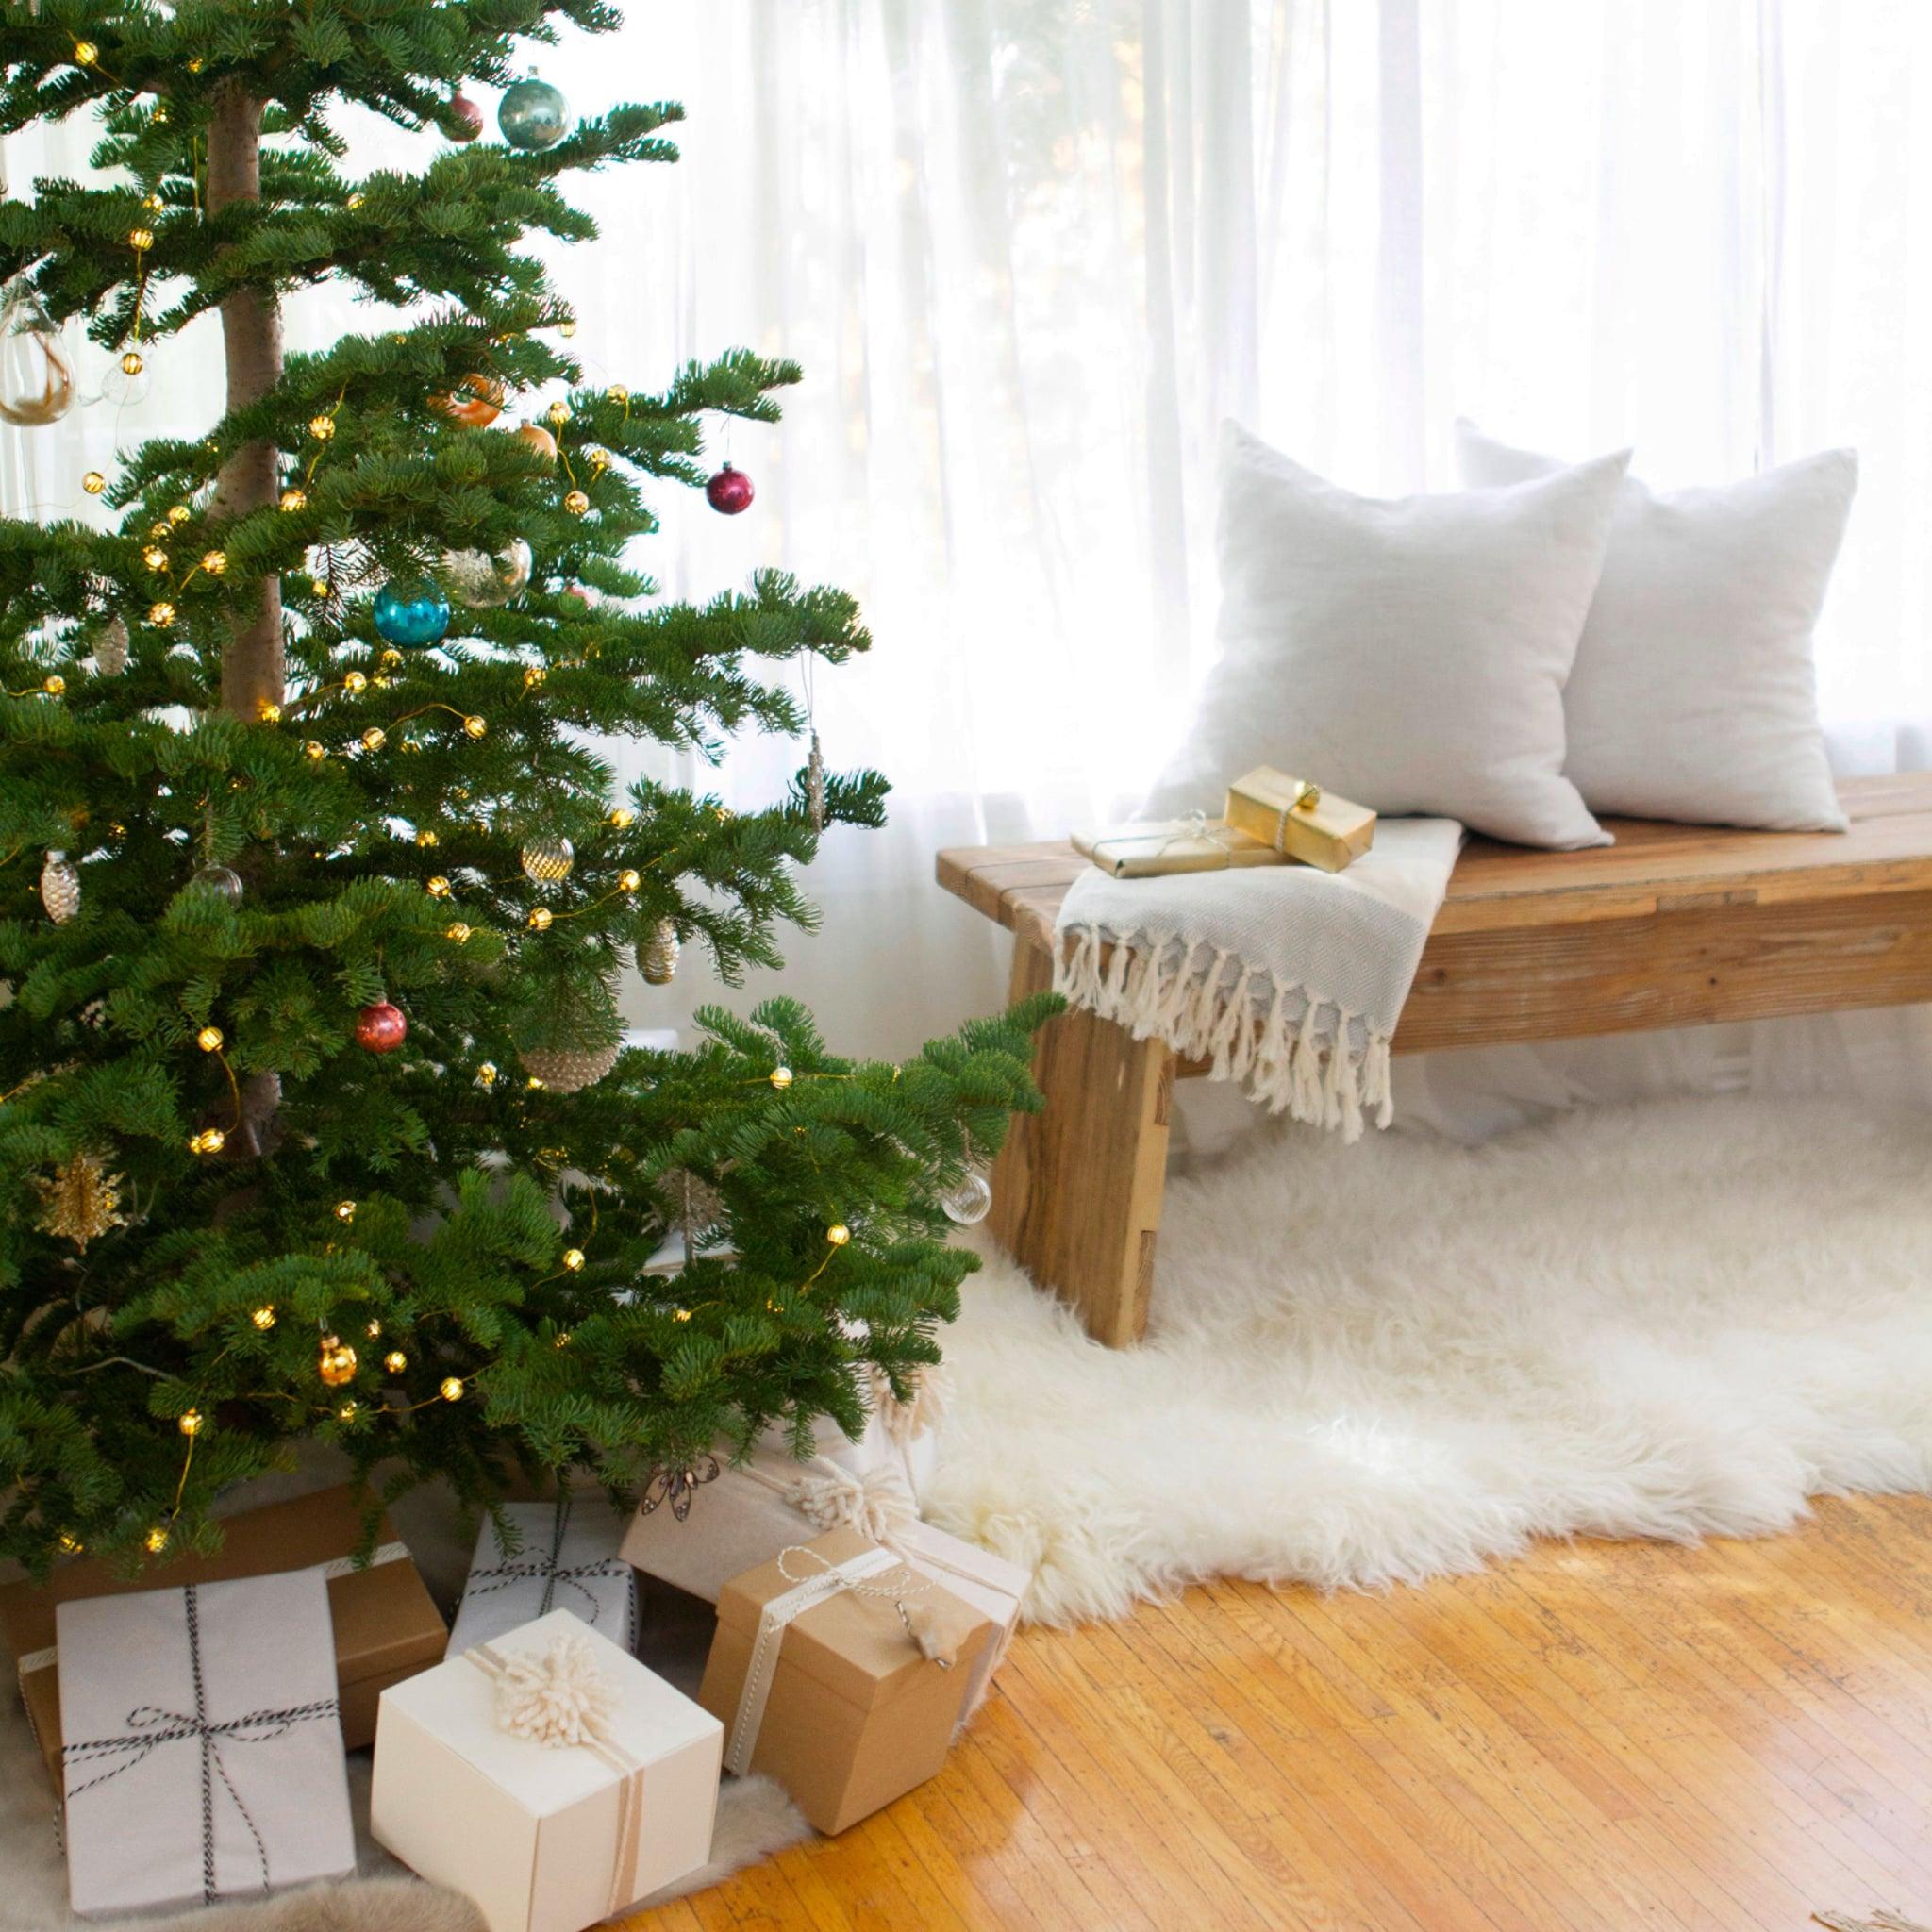 Gift Guide For Family Gifts | POPSUGAR Moms